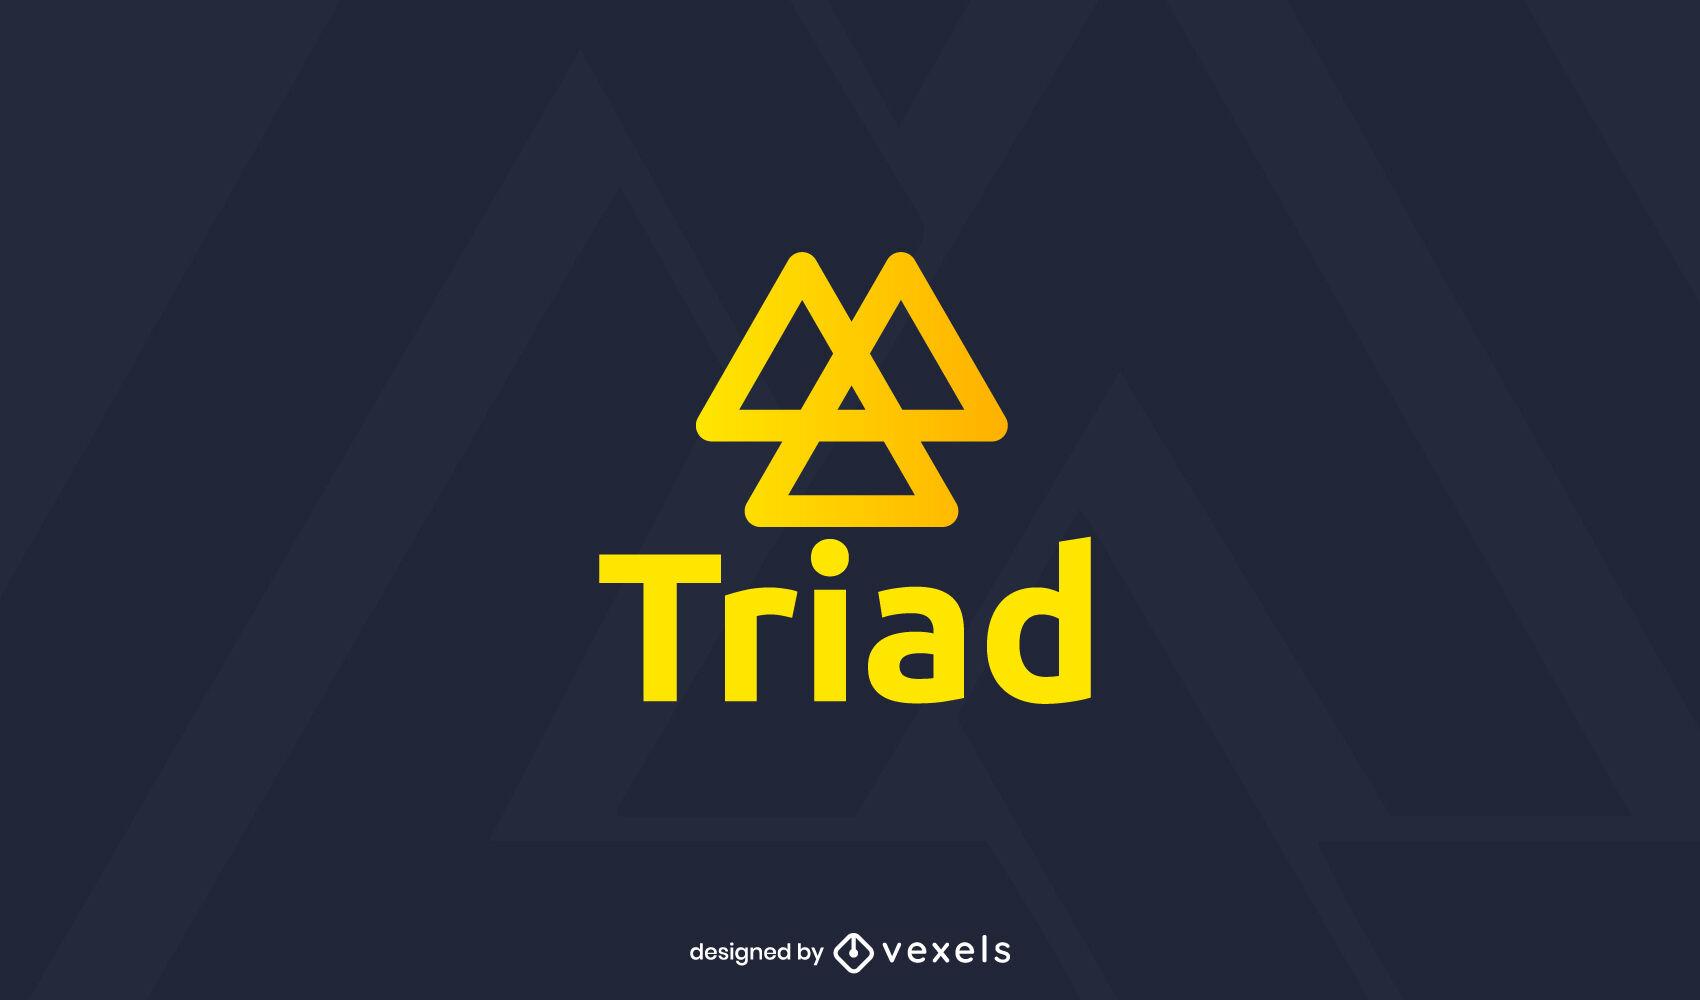 Logotipo de trazo de triángulos de tríada